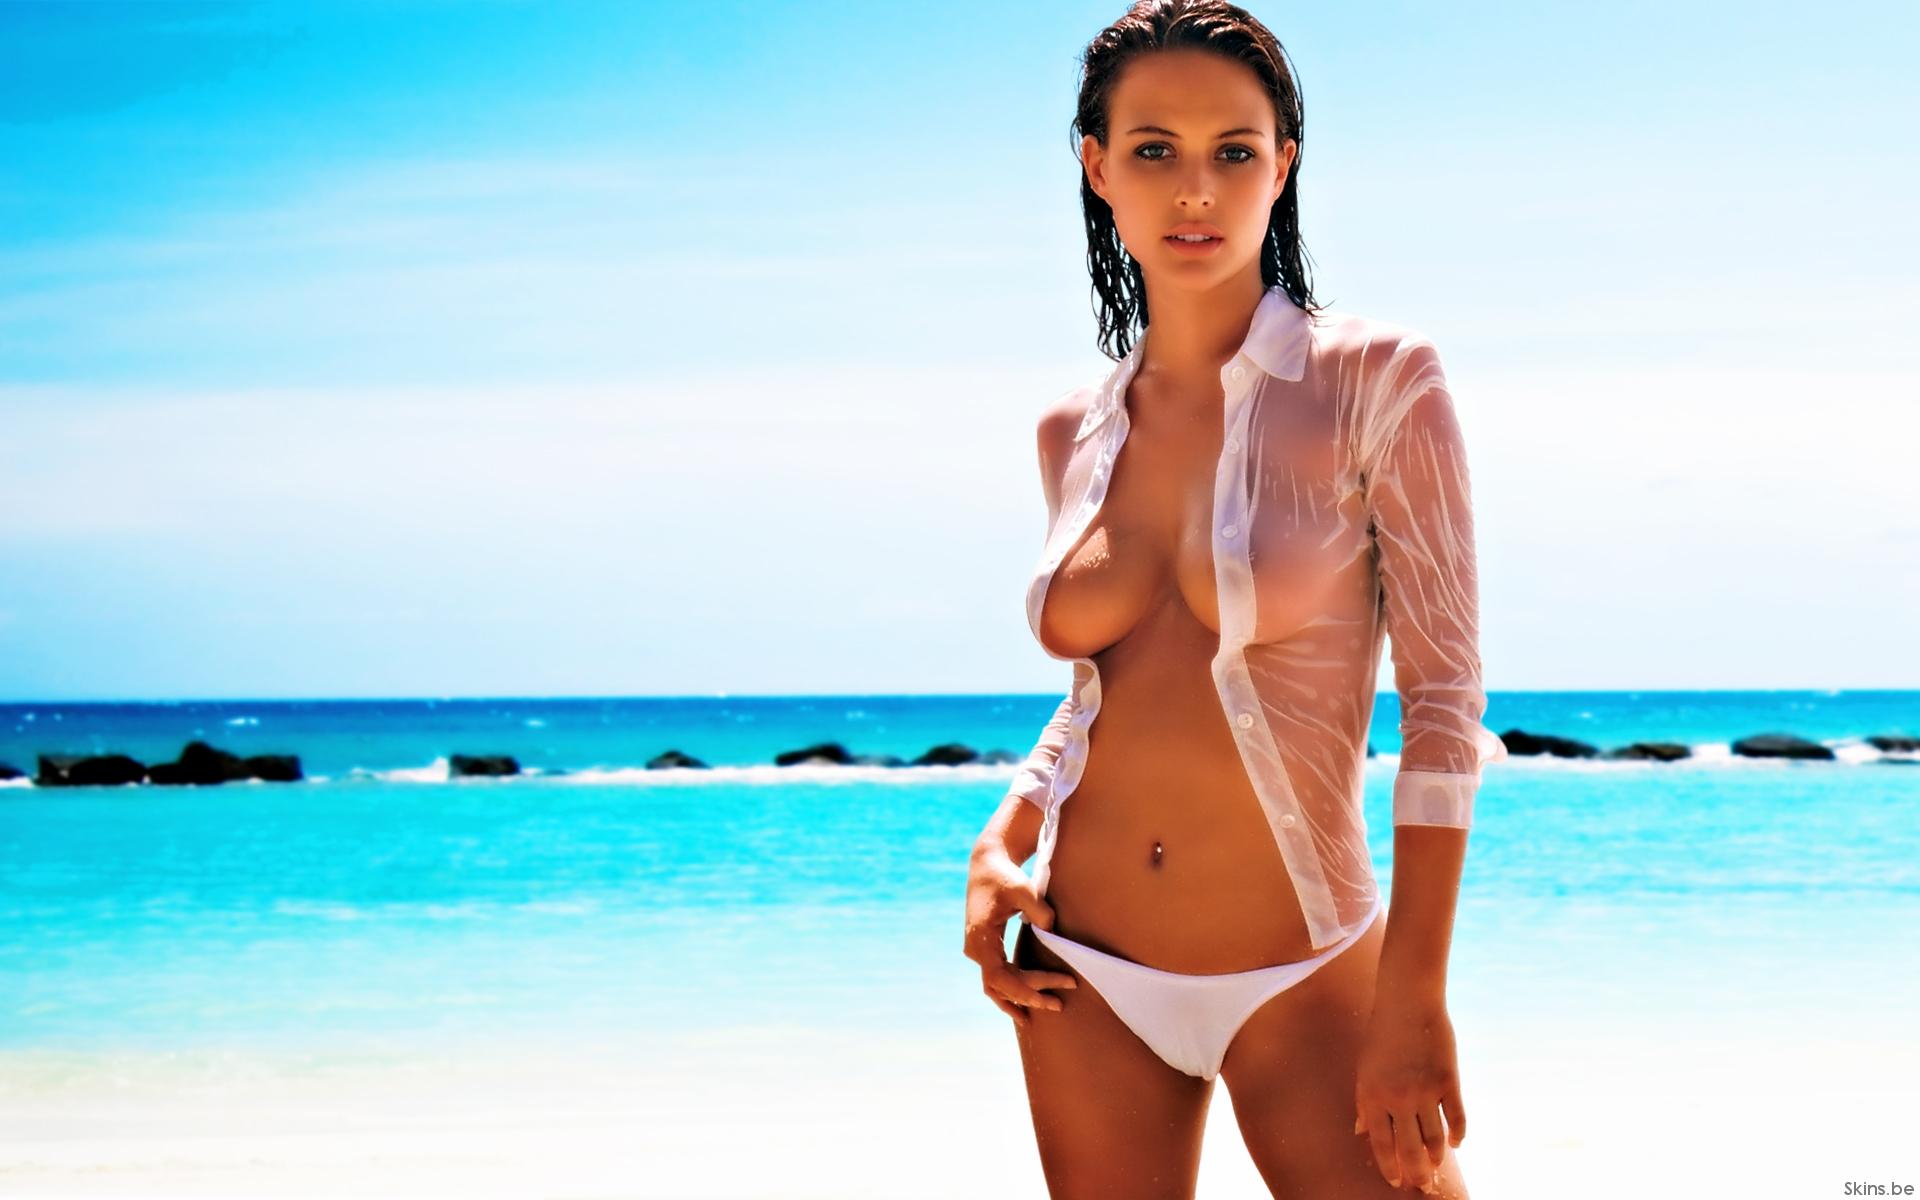 mujeres desnudas en hd